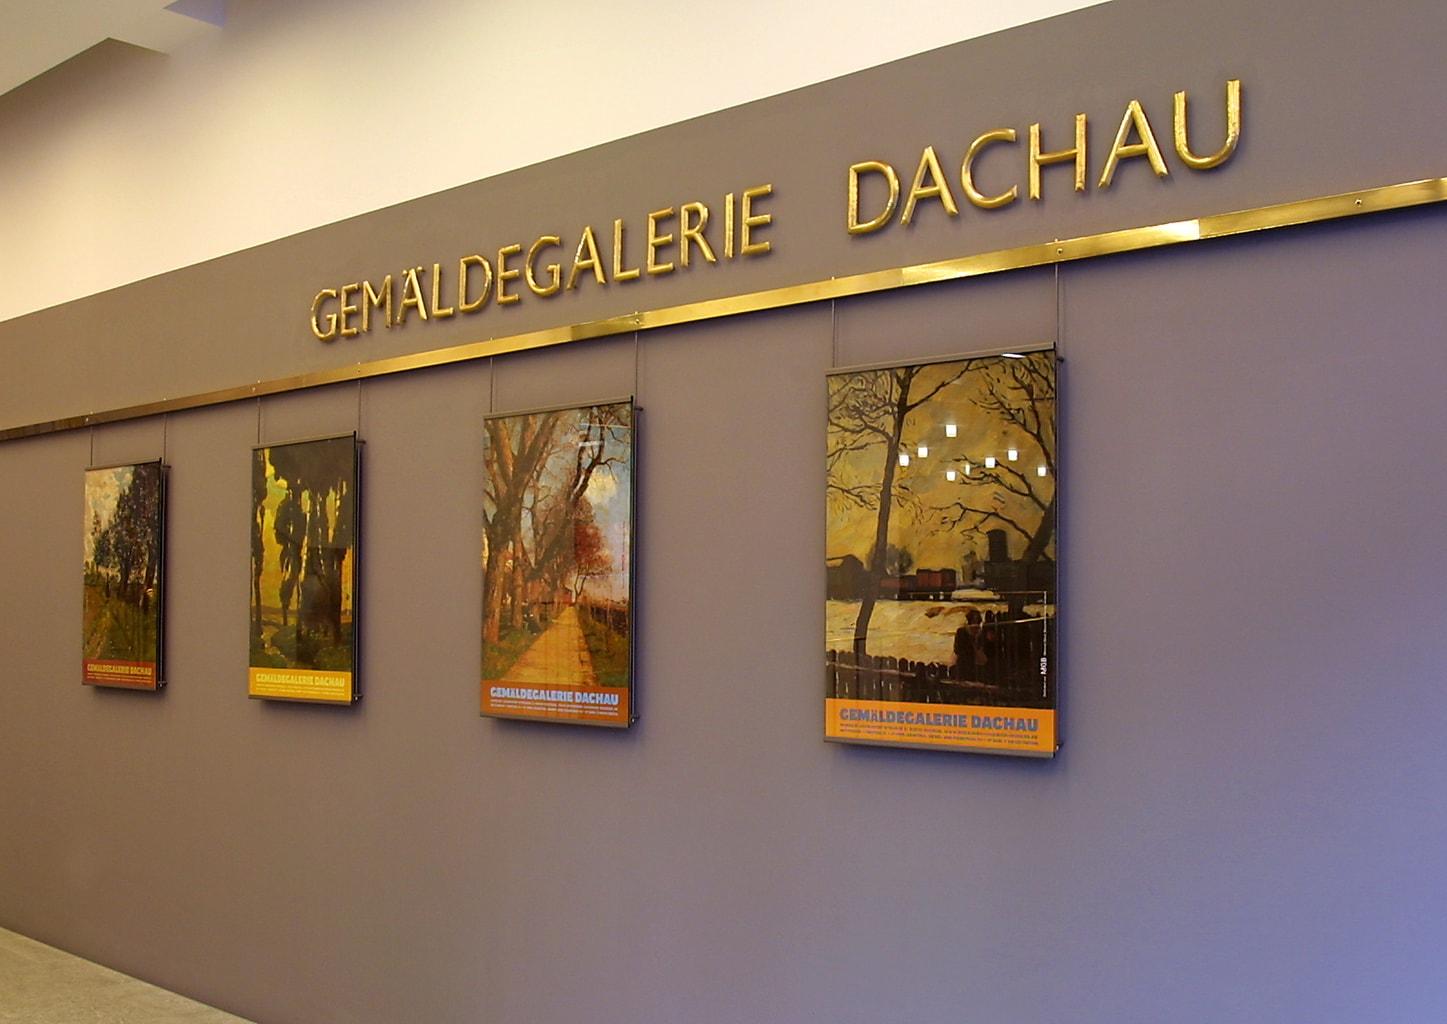 Affiches in Gemädegelarie behoort ook tot het dubbele verleden vanDachau